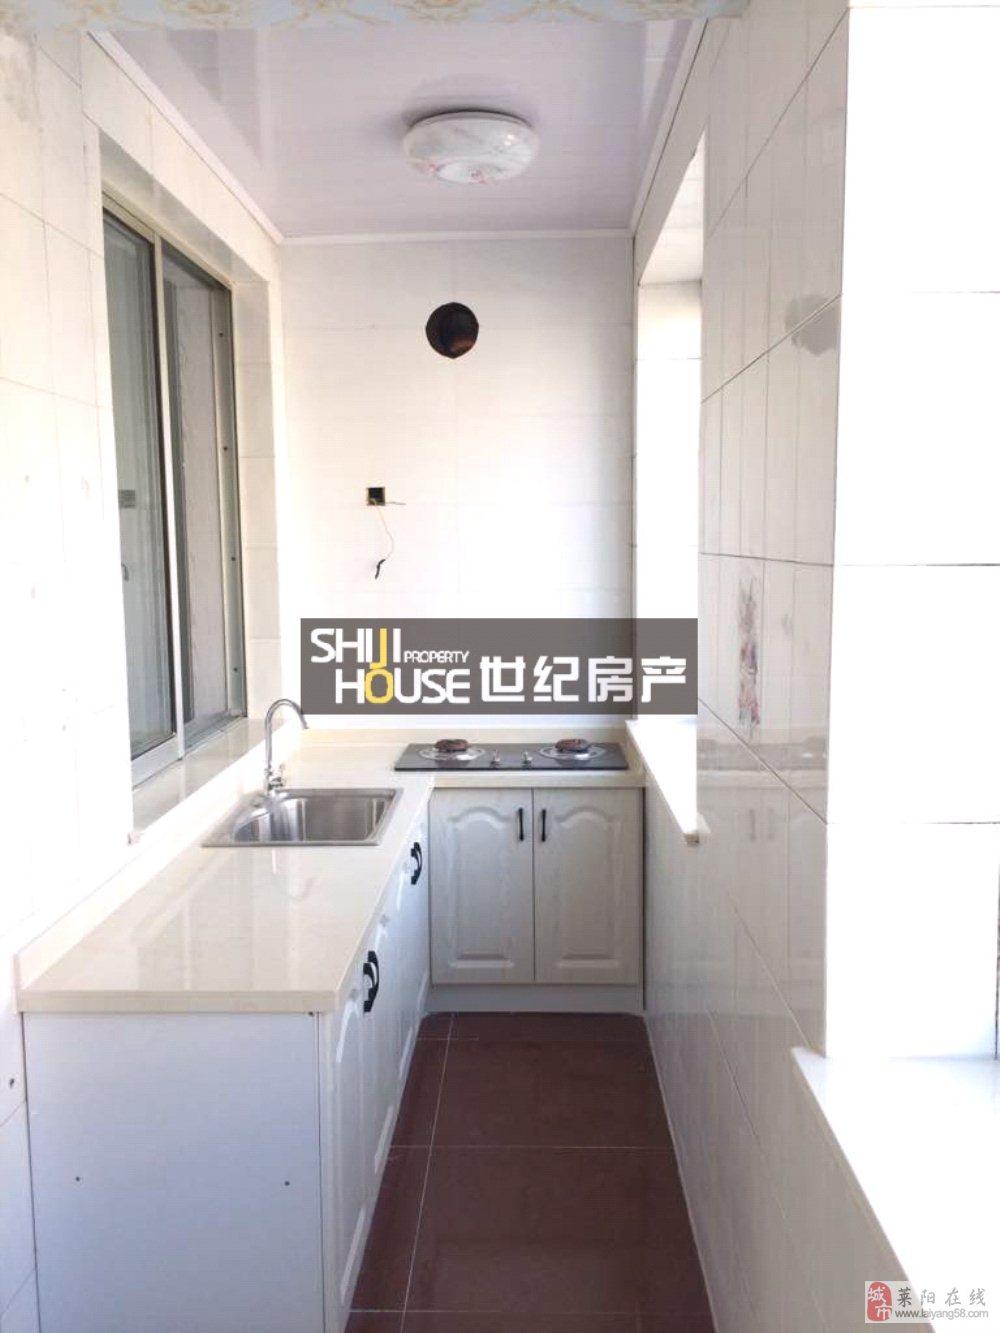 河东小区发财4楼精装修51.8万元